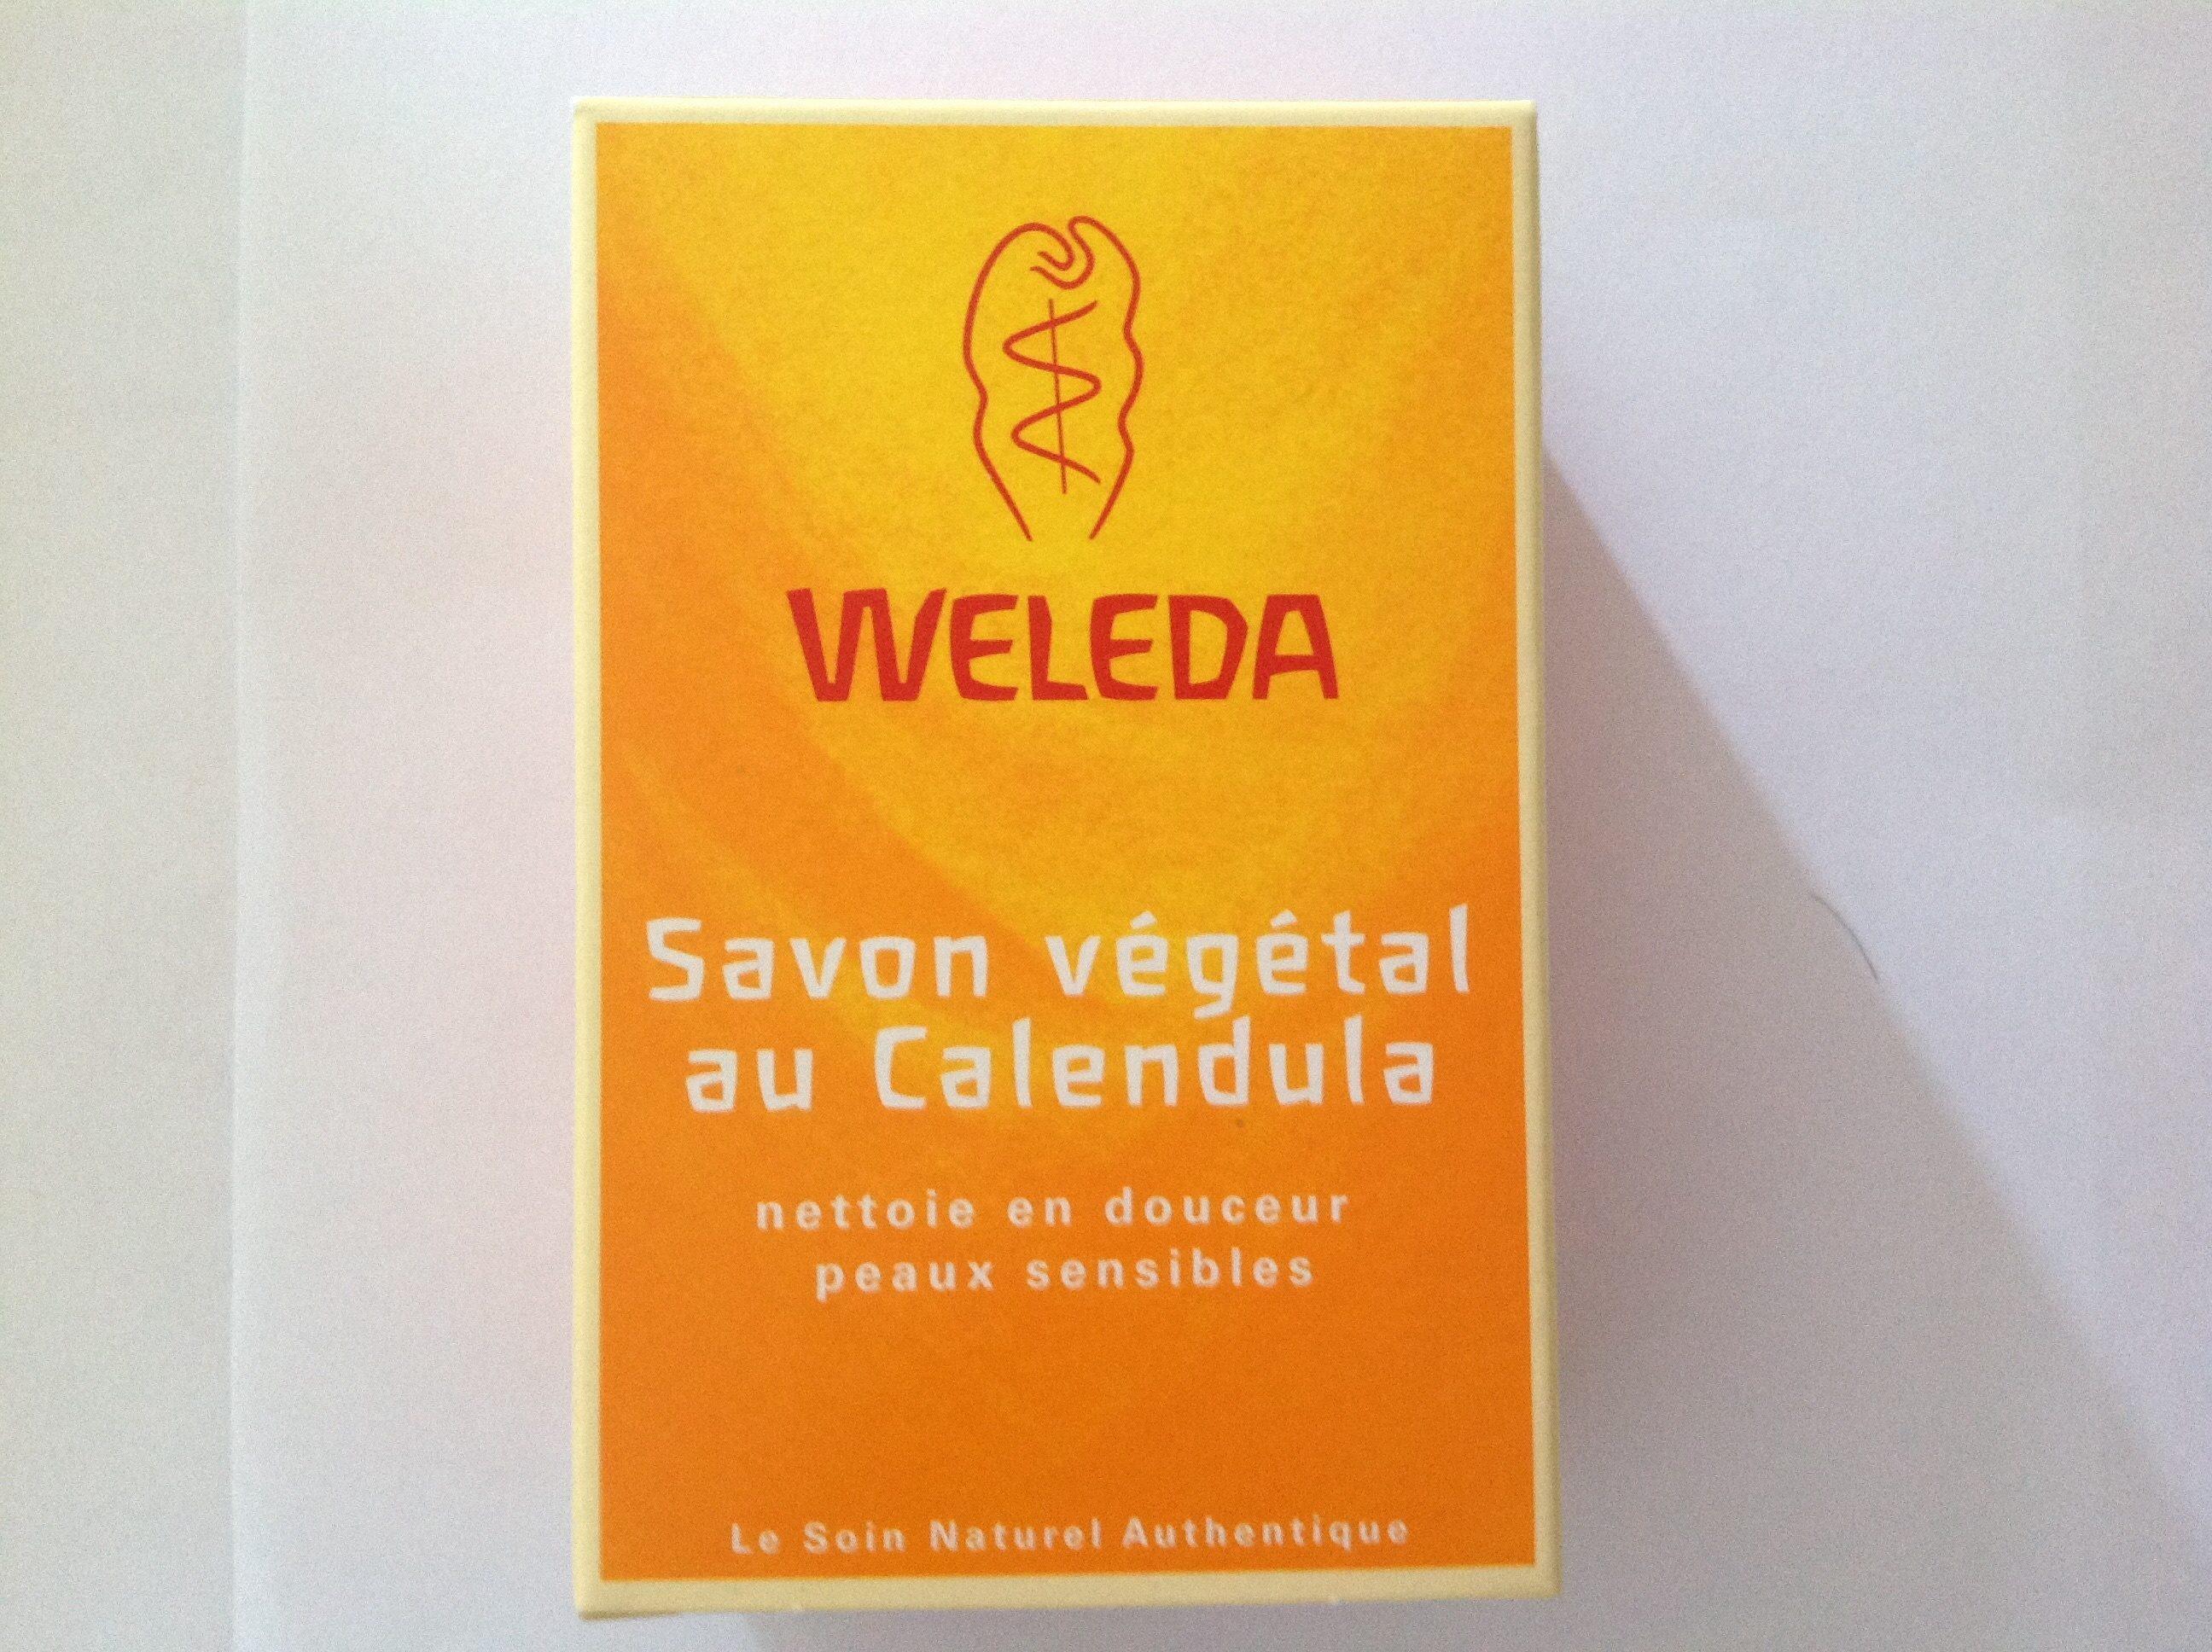 Savon végétal au calendula - Product - fr